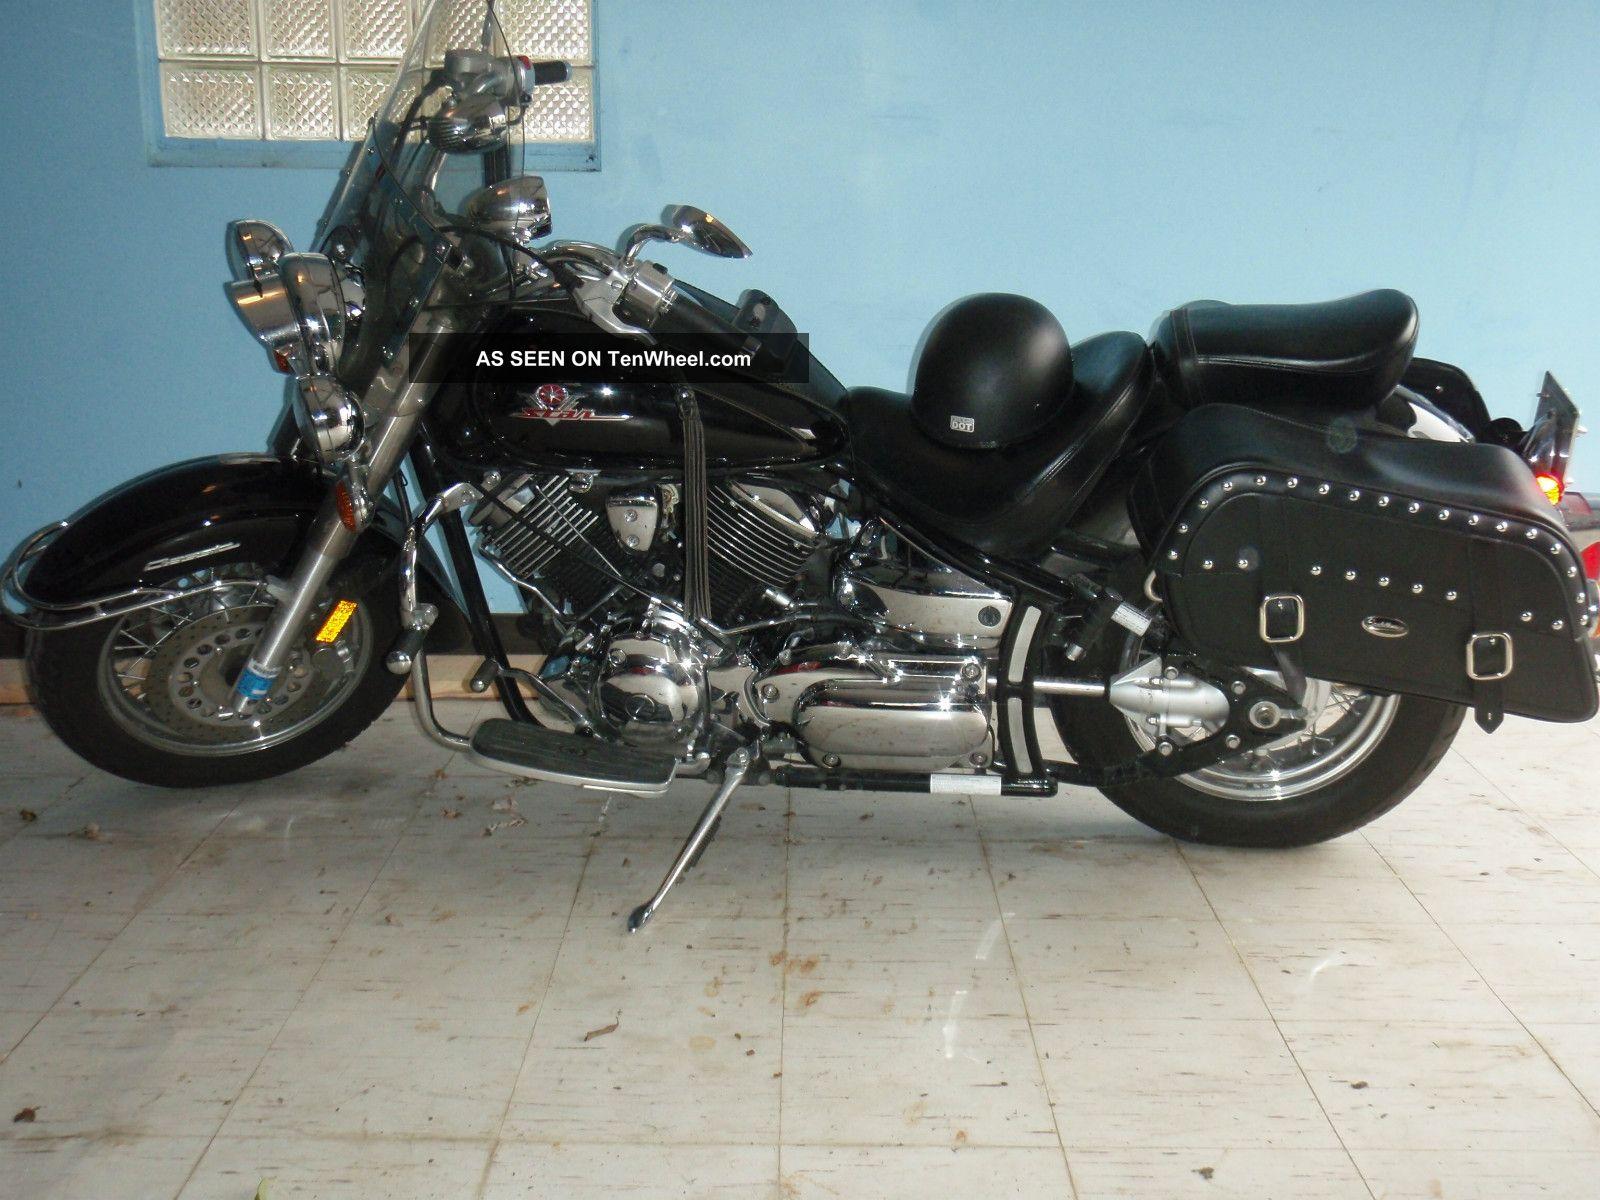 Yamaha 2003 V Star 1100 Motorcycle V Star photo